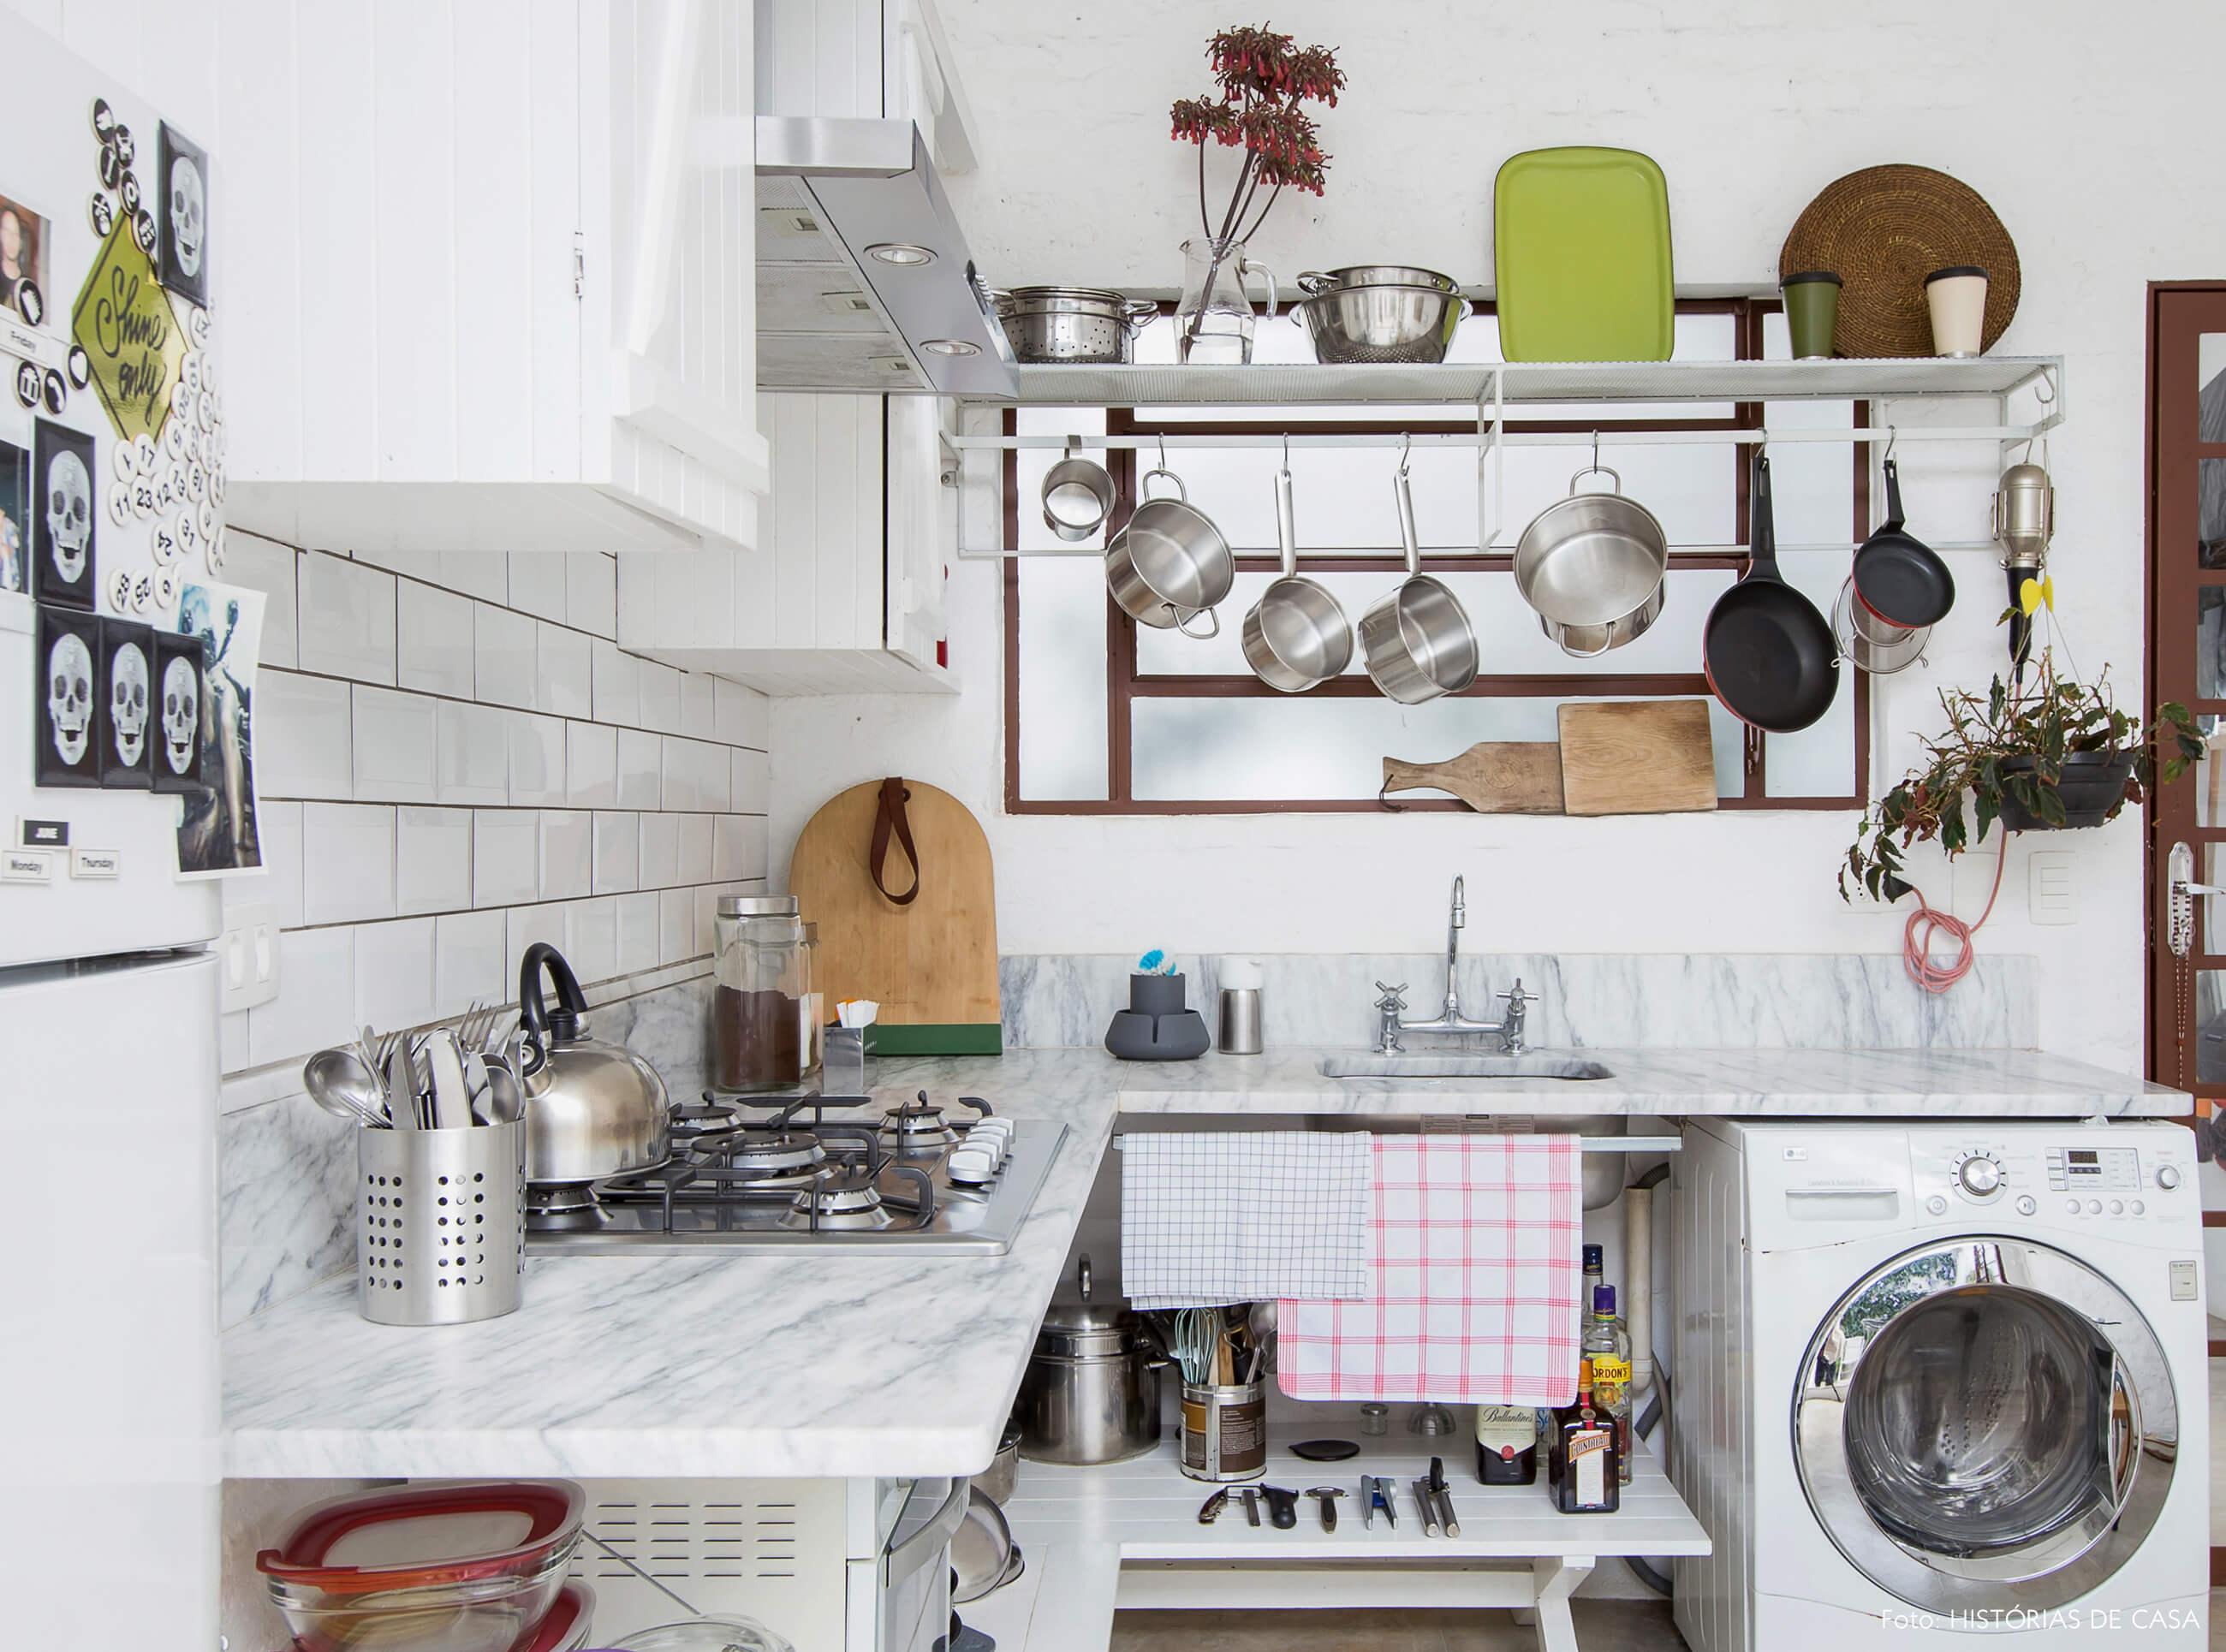 Cozinha com prateleiras abertas e paneleiro